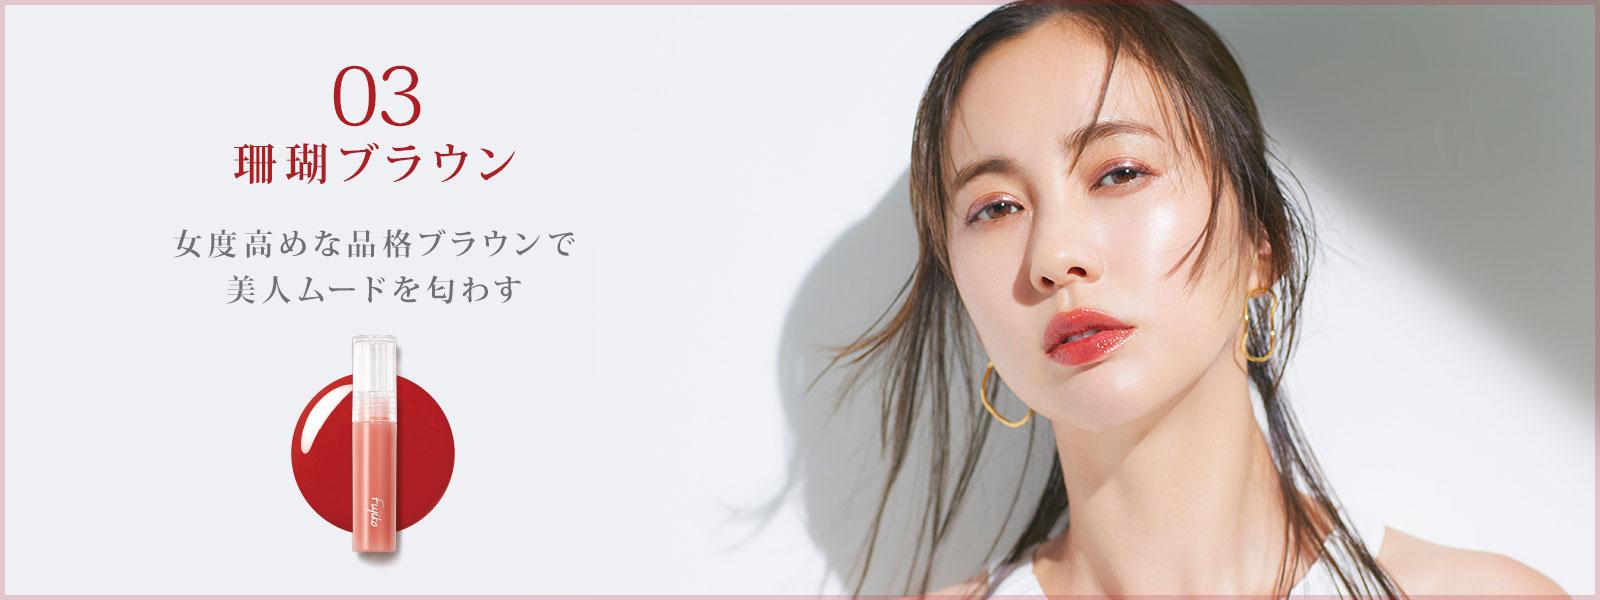 Fujiko Nuance Wrap Tint 2.8g